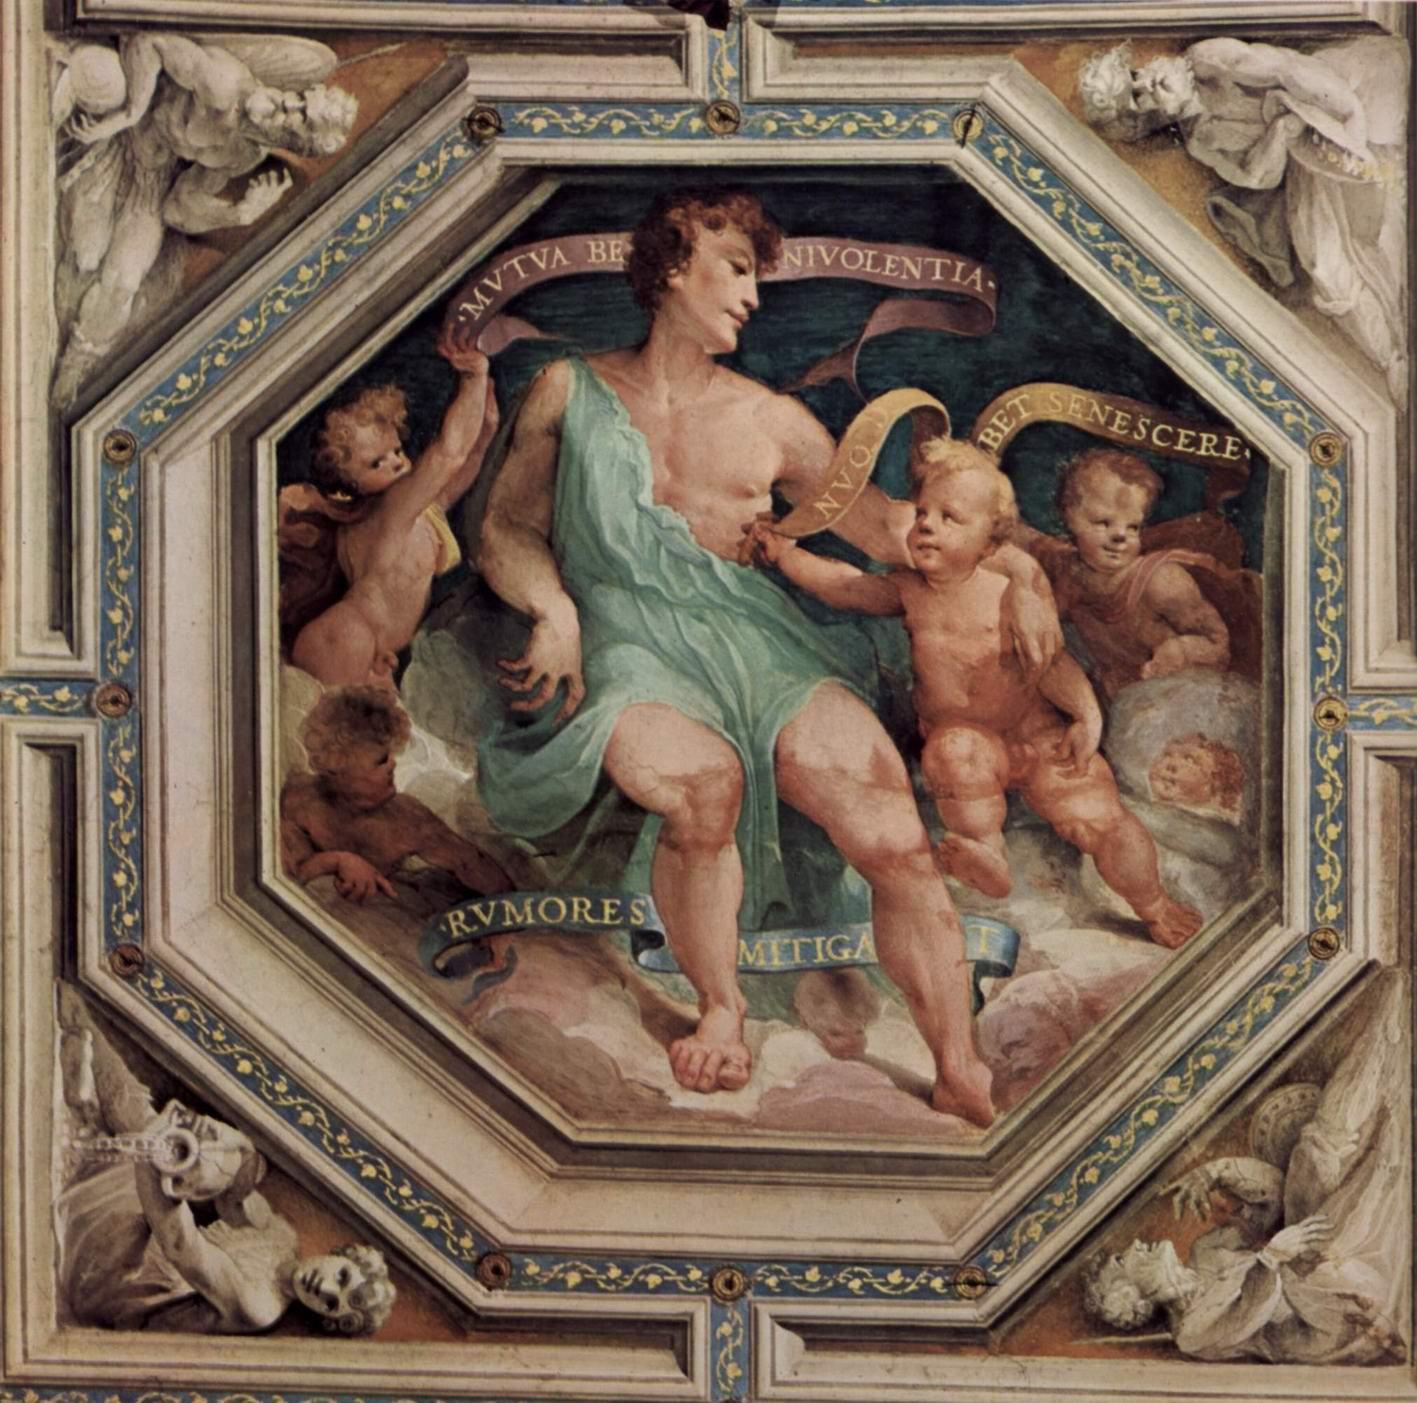 Аллегорический цикл фресок (Политические добродетели) из Палаццо Пубблико в Сиене. Аллегория Согласия (Concordia), Беккафуми Доменико